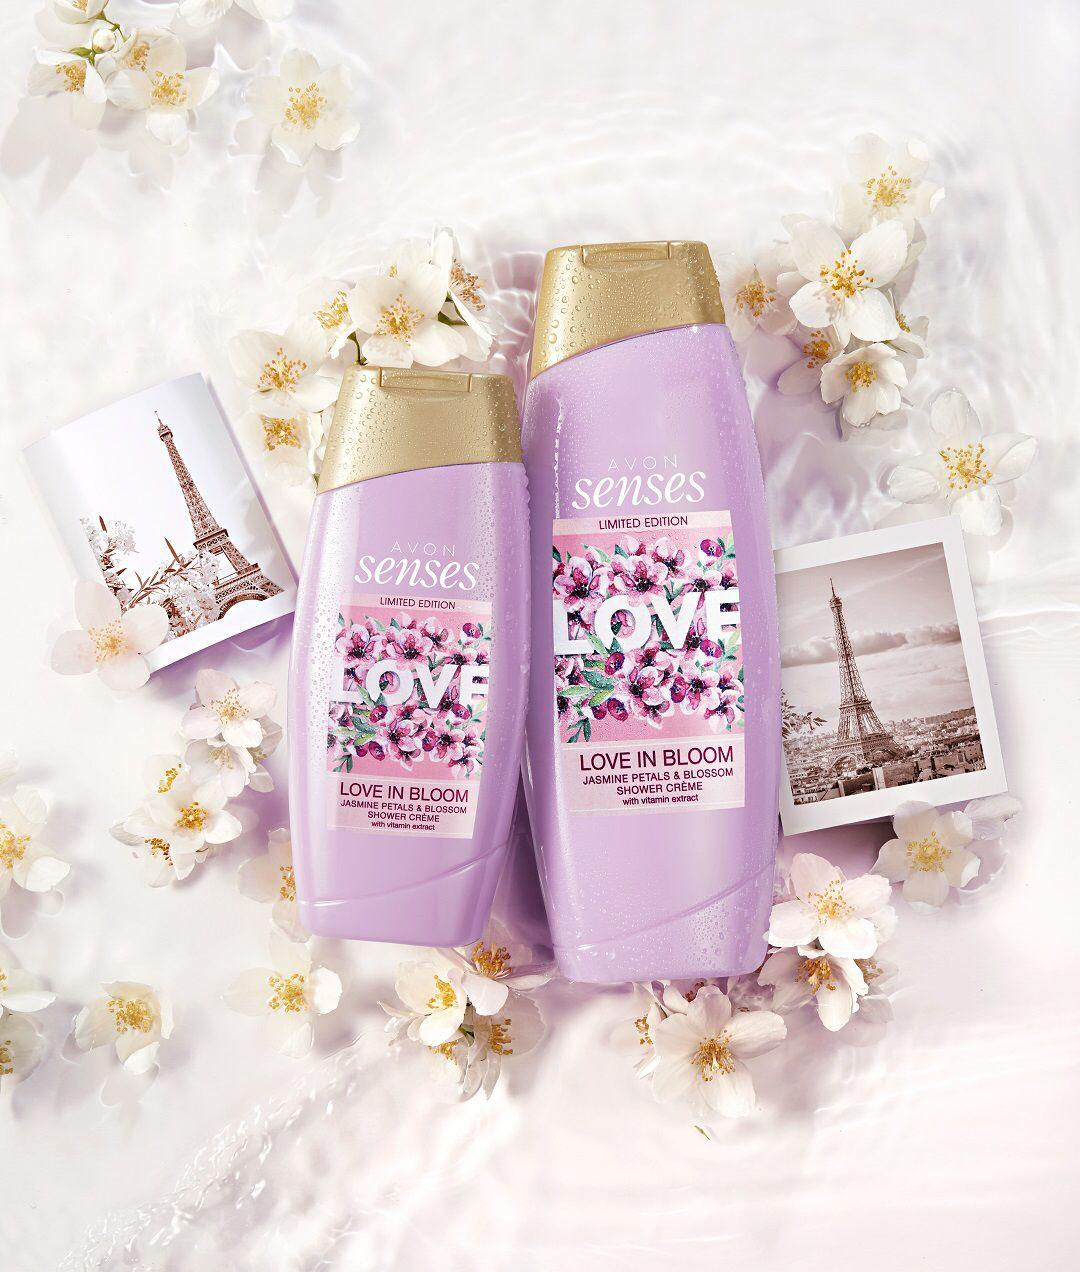 Jasmine & Blossom Shower Crème 250ml in 2020 Avon